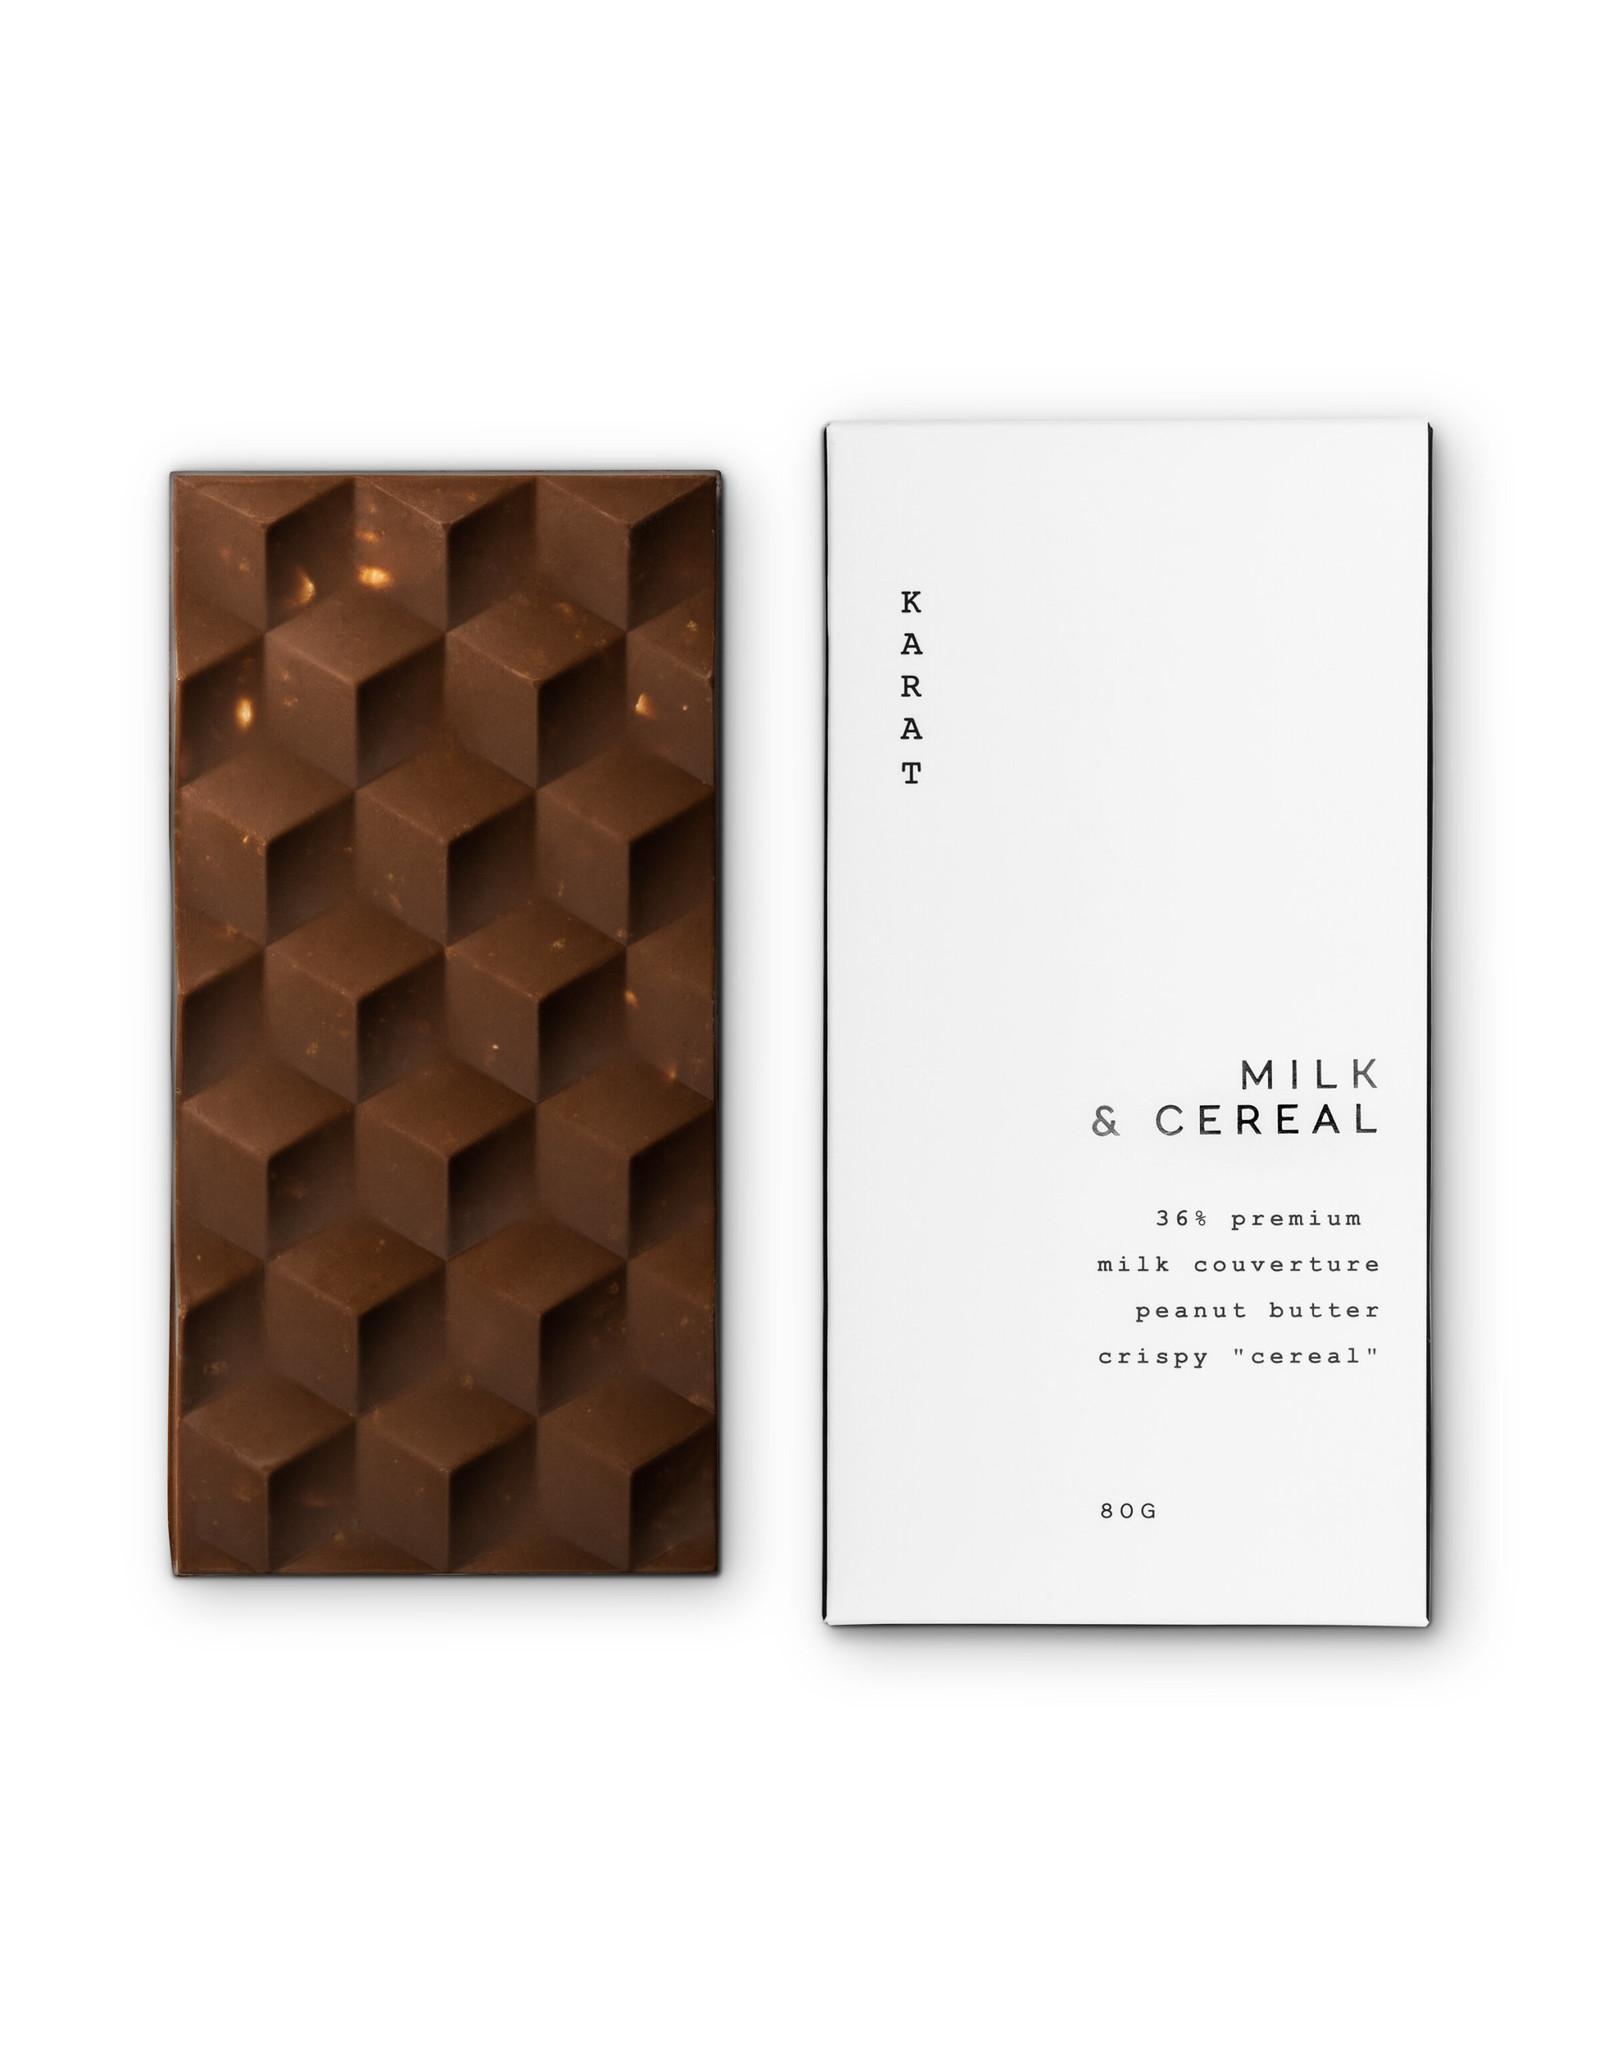 Karat Chocolate Milk and Cereal- Chocolate Bar